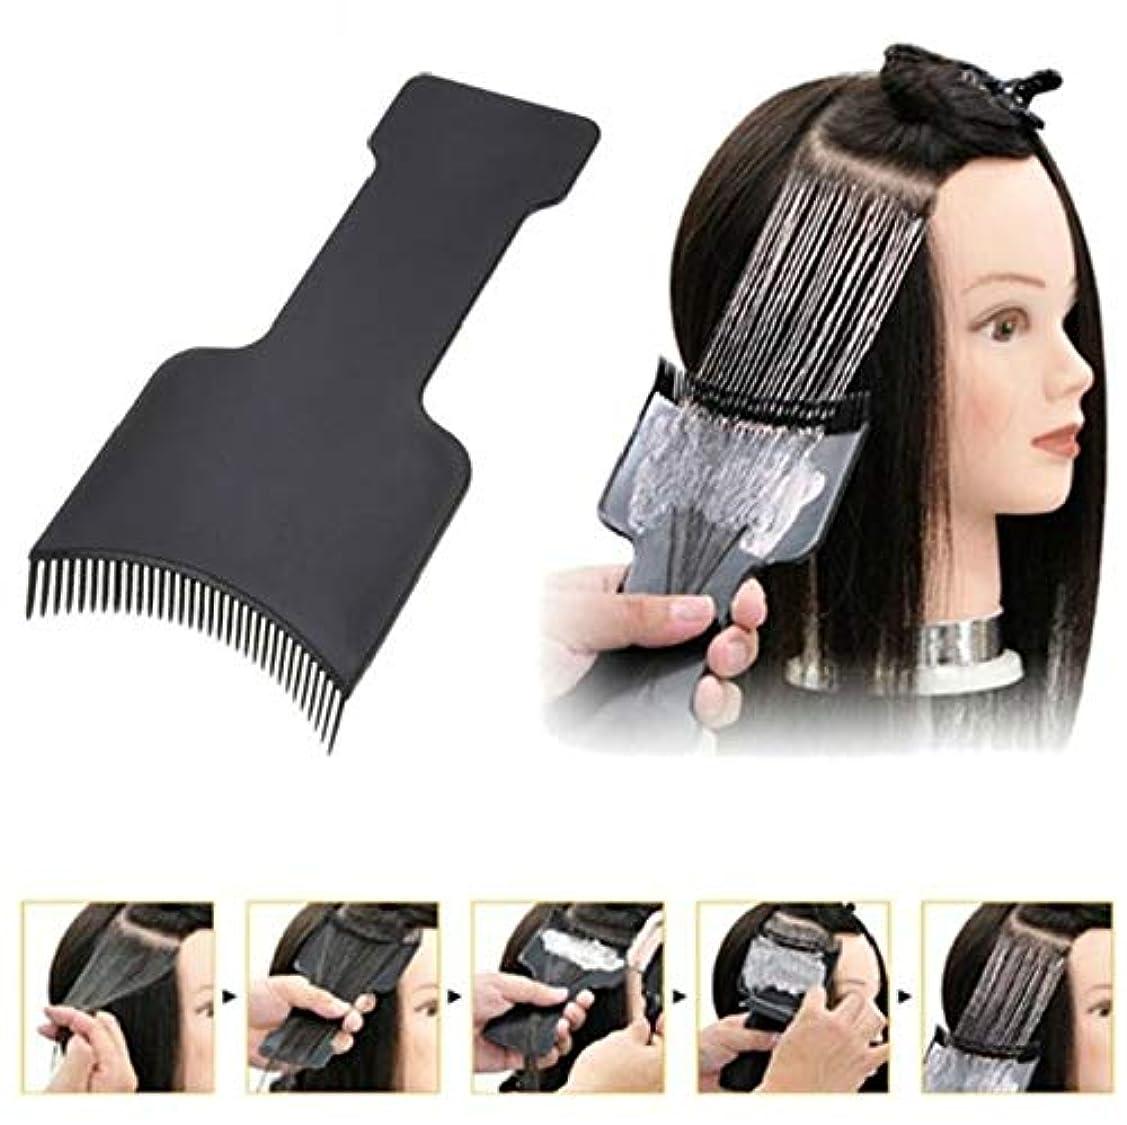 ドライバ健康発生する2 Size/set Professional Fashion Hairdressing Hair Applicator Brush Dispensing Salon Hair Coloring Dyeing Pick...